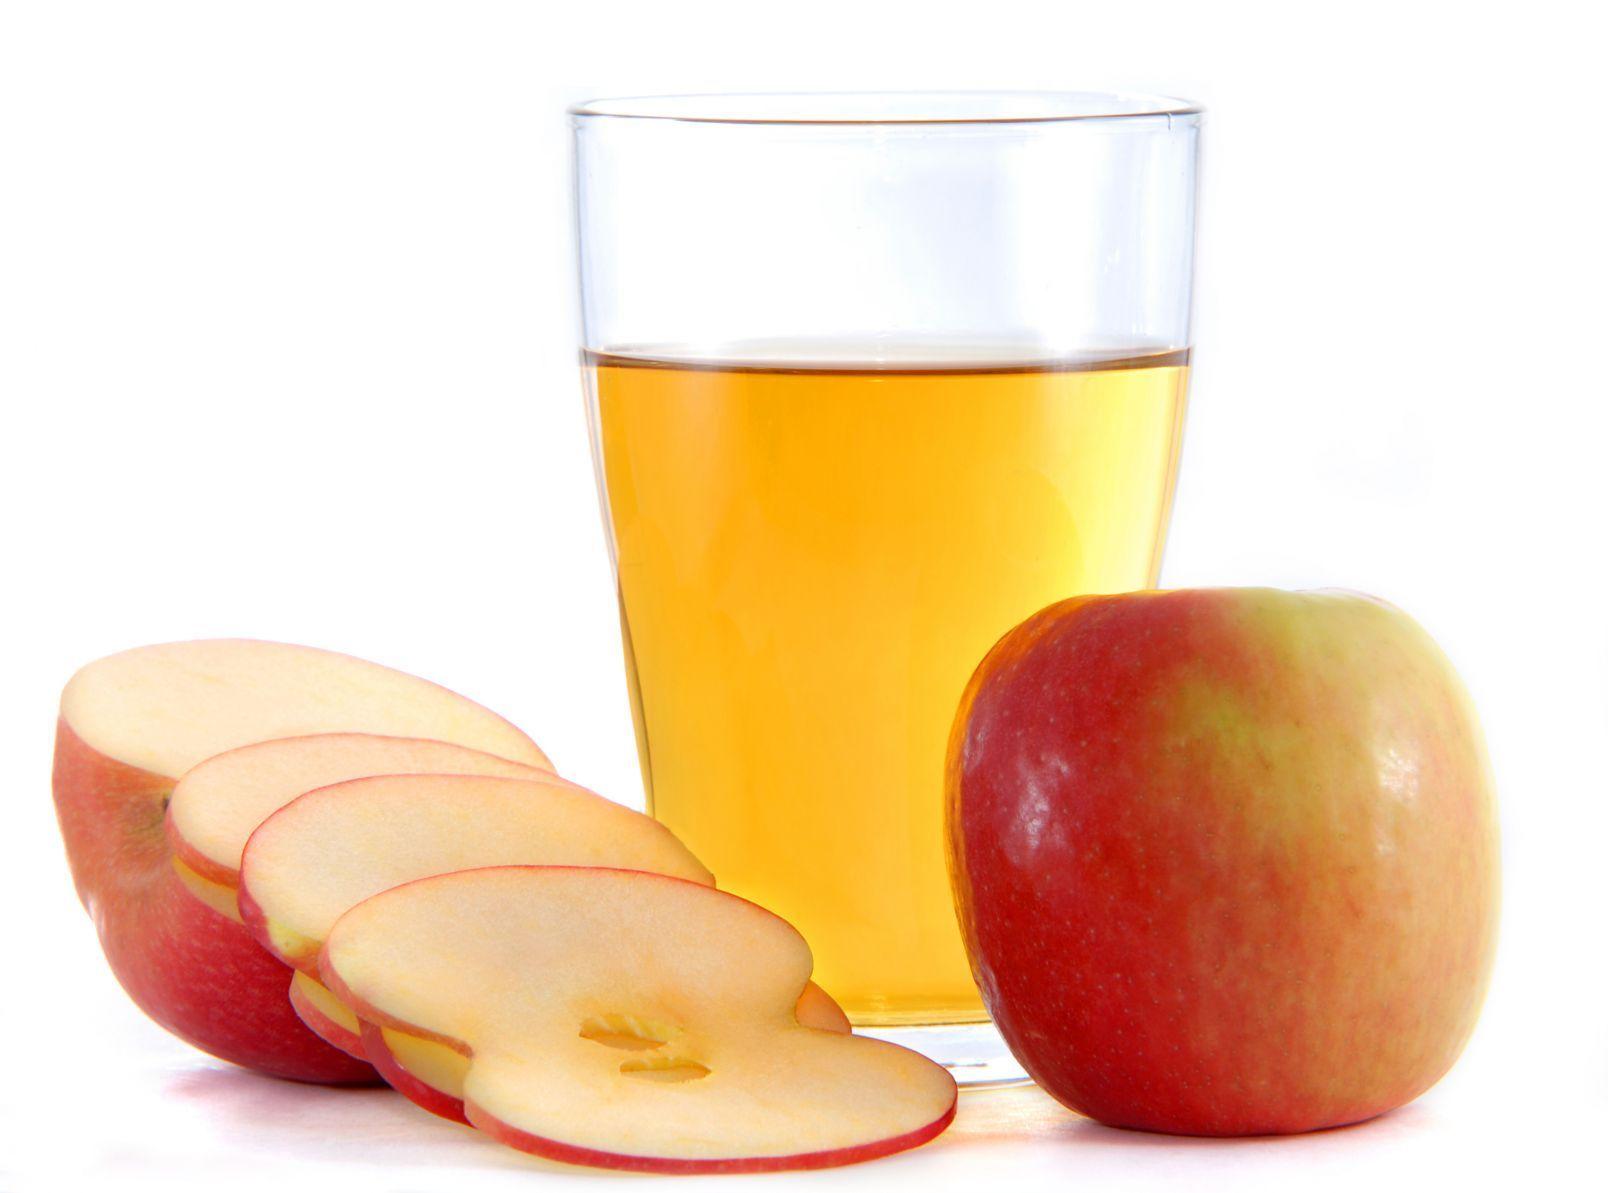 Aceto di mele: proprietà terapeutiche, curative e controindicazioni